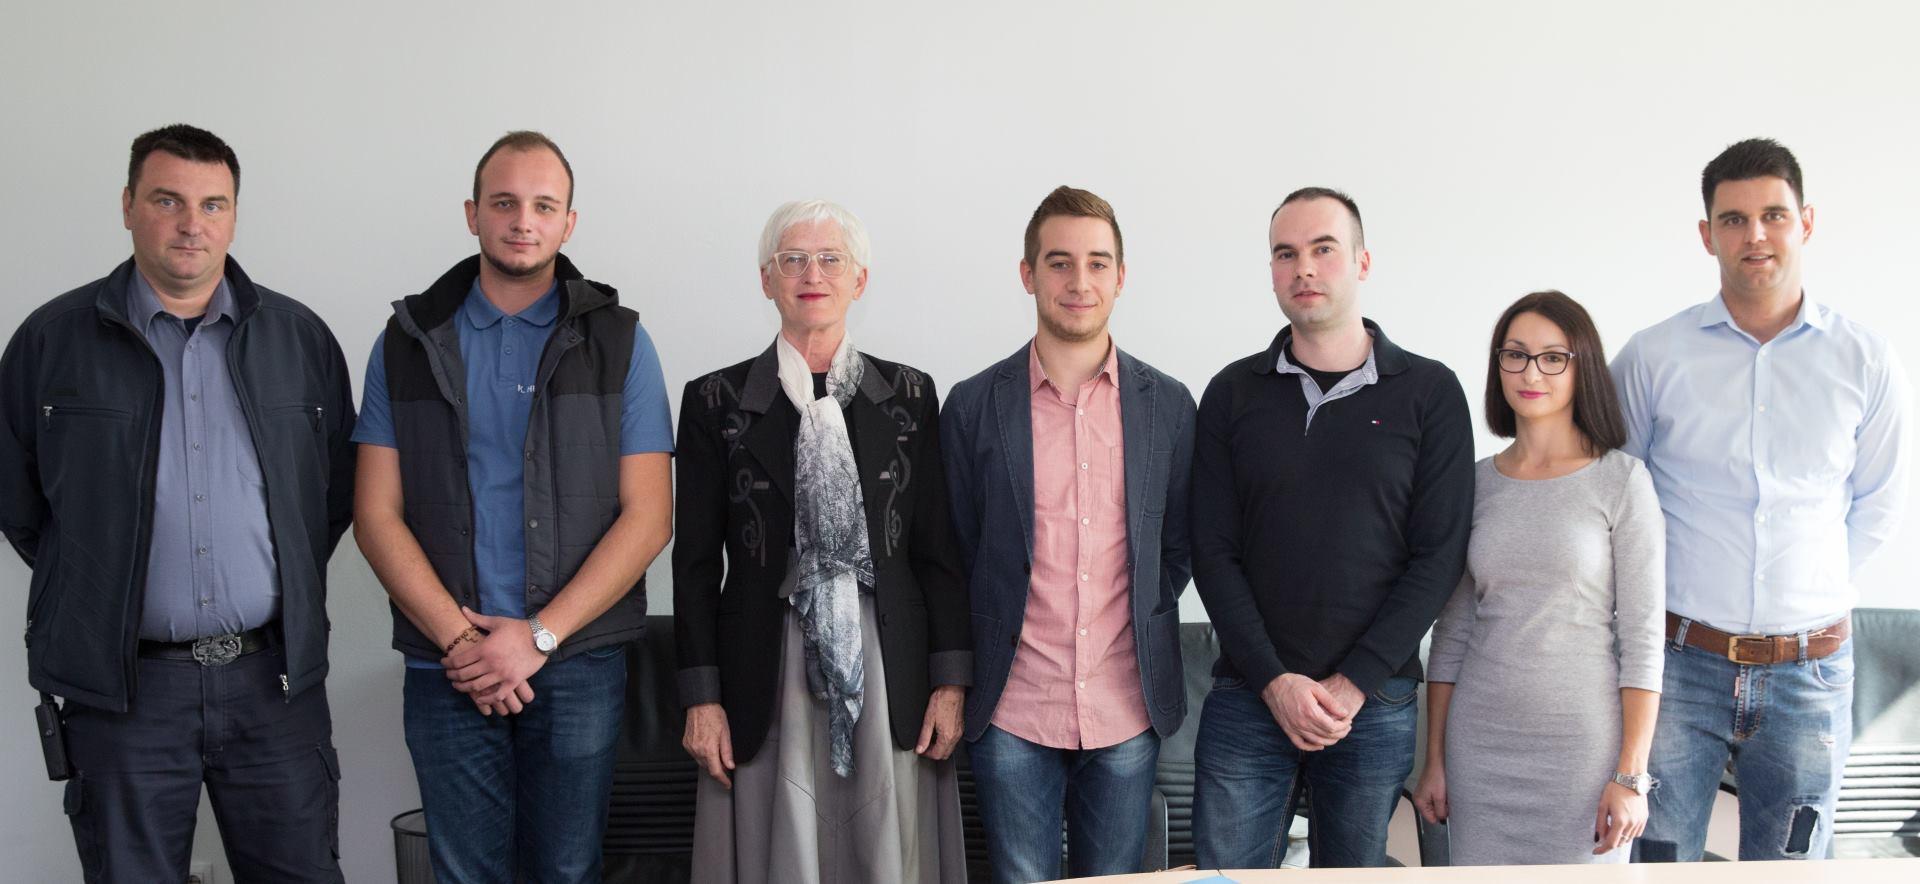 Tehničko veleučilište u Zagrebu dodijelilo šest stipendija vatrogascima